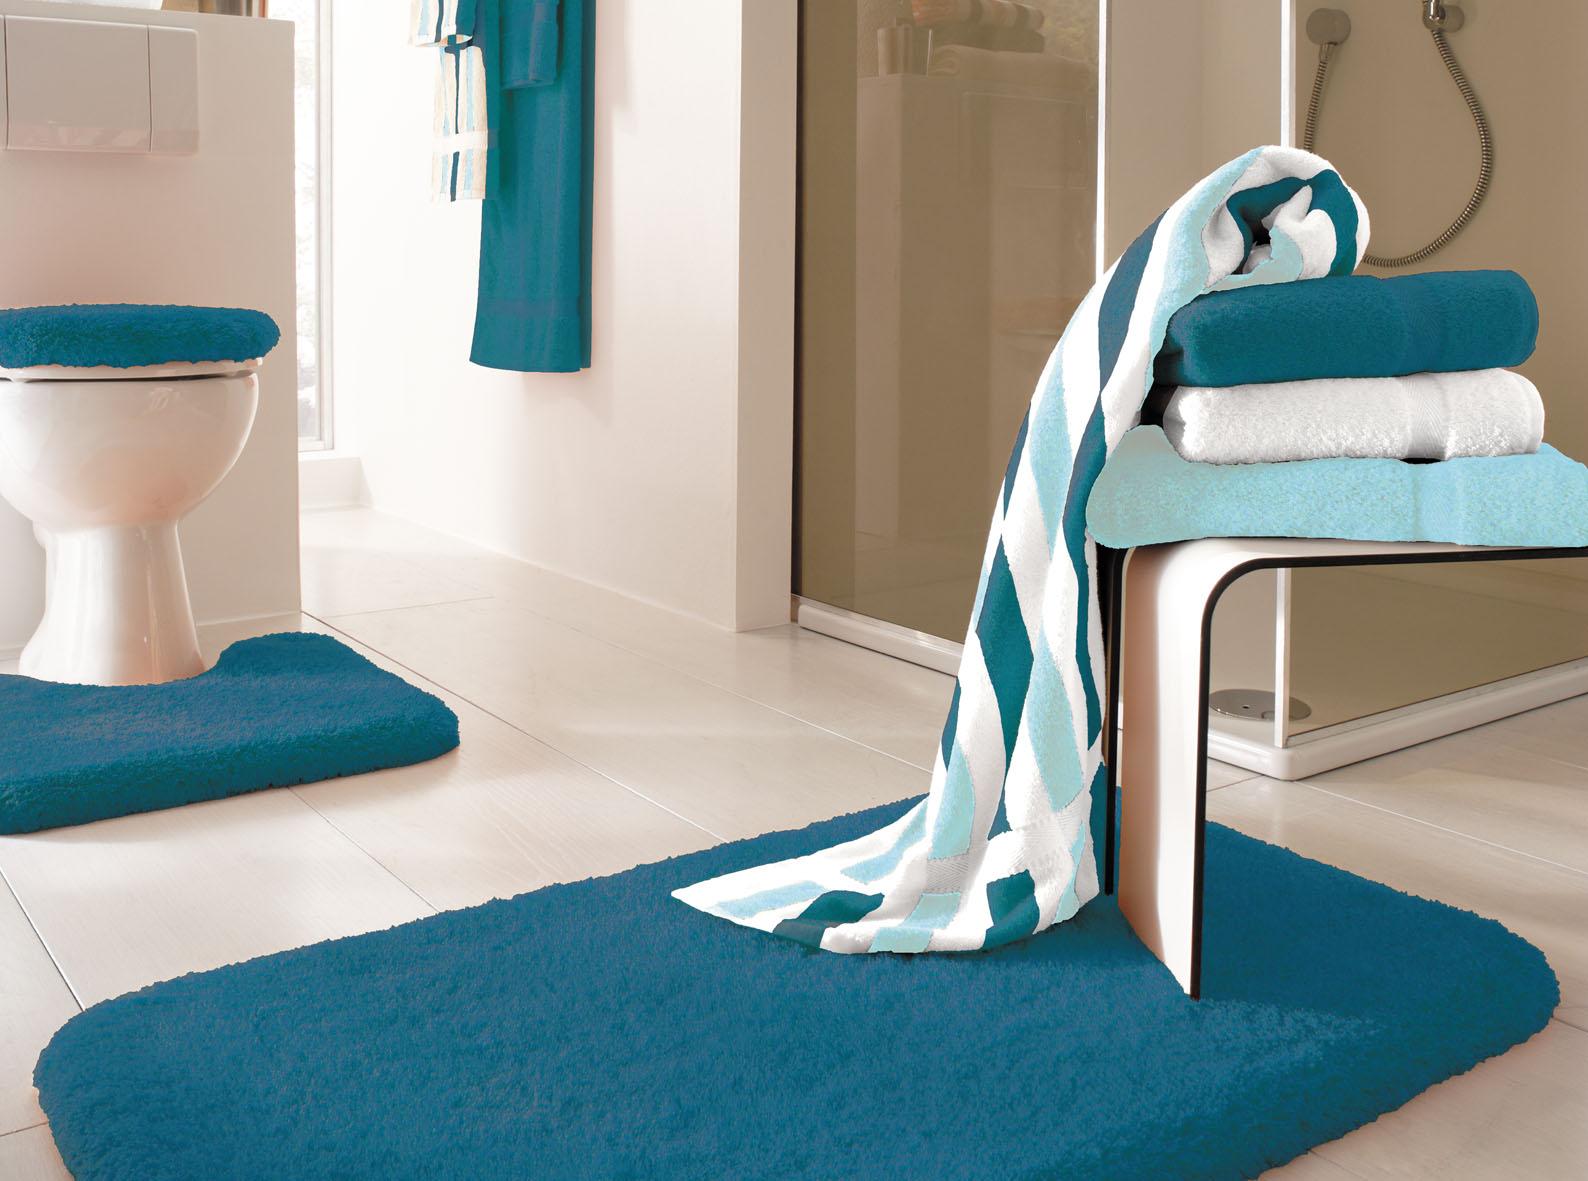 Qualitäts badteppich serie opal in 3 basic farben und 5 größen ...